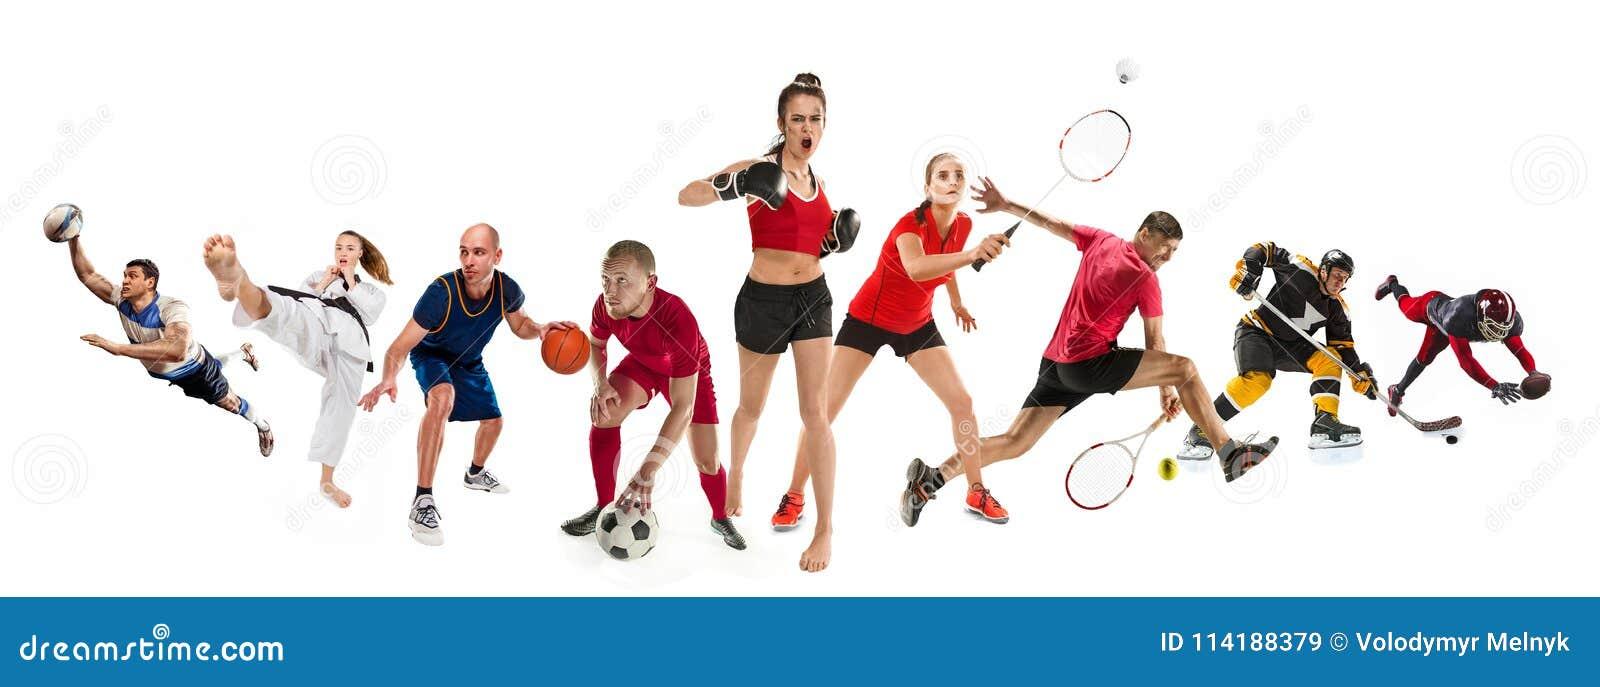 Sportcollage over het kickboxing, voetbal, Amerikaanse voetbal, basketbal, ijshockey, badminton, taekwondo, tennis, rugby